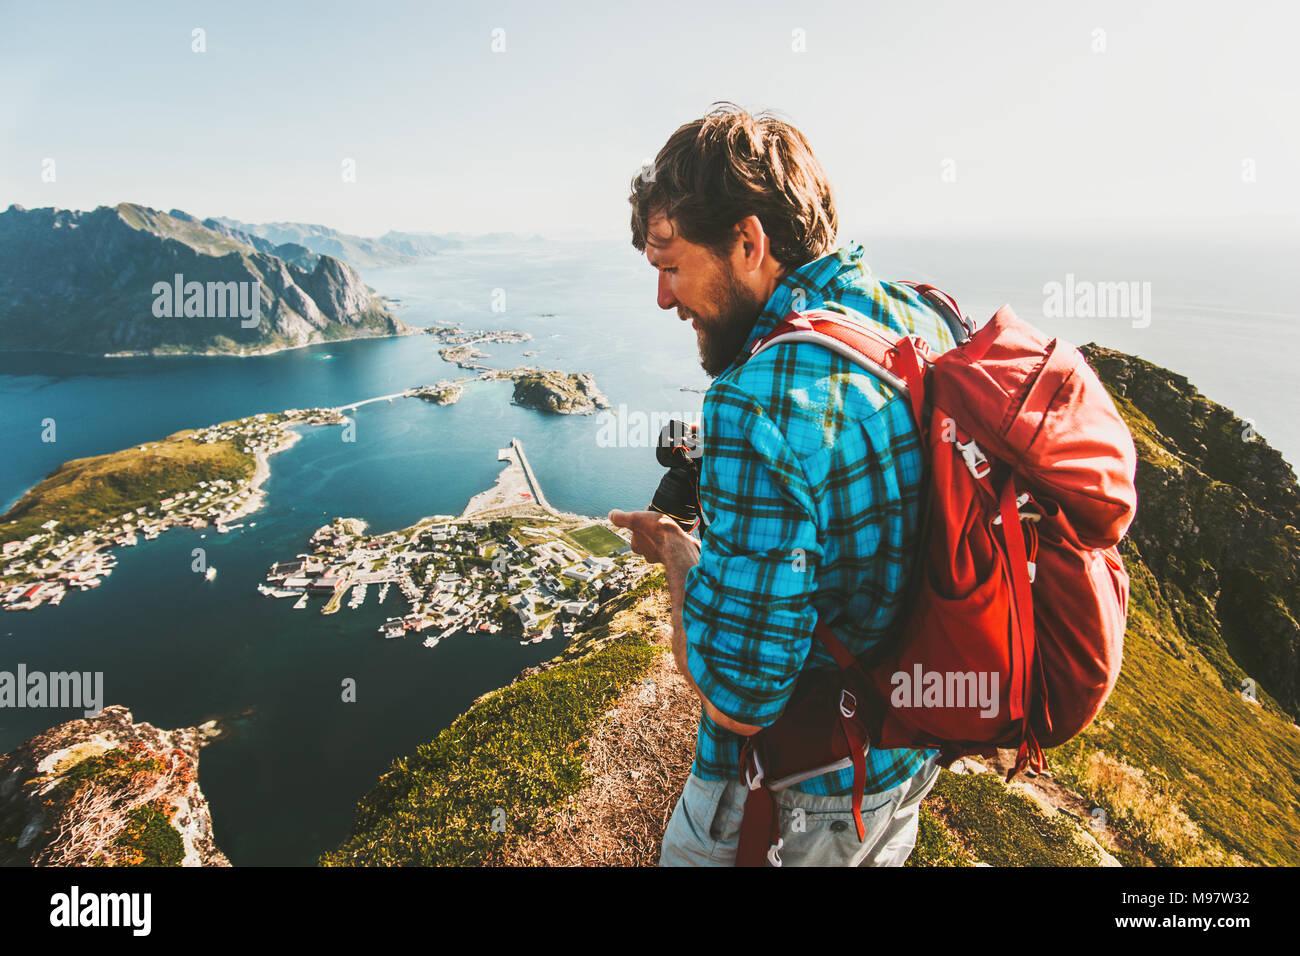 L'uomo viaggiatore con zaino e macchina fotografica vista turistico da Reinebringen montagna in Norvegia lifestyle viaggi avventura outdoor estate vacati Immagini Stock